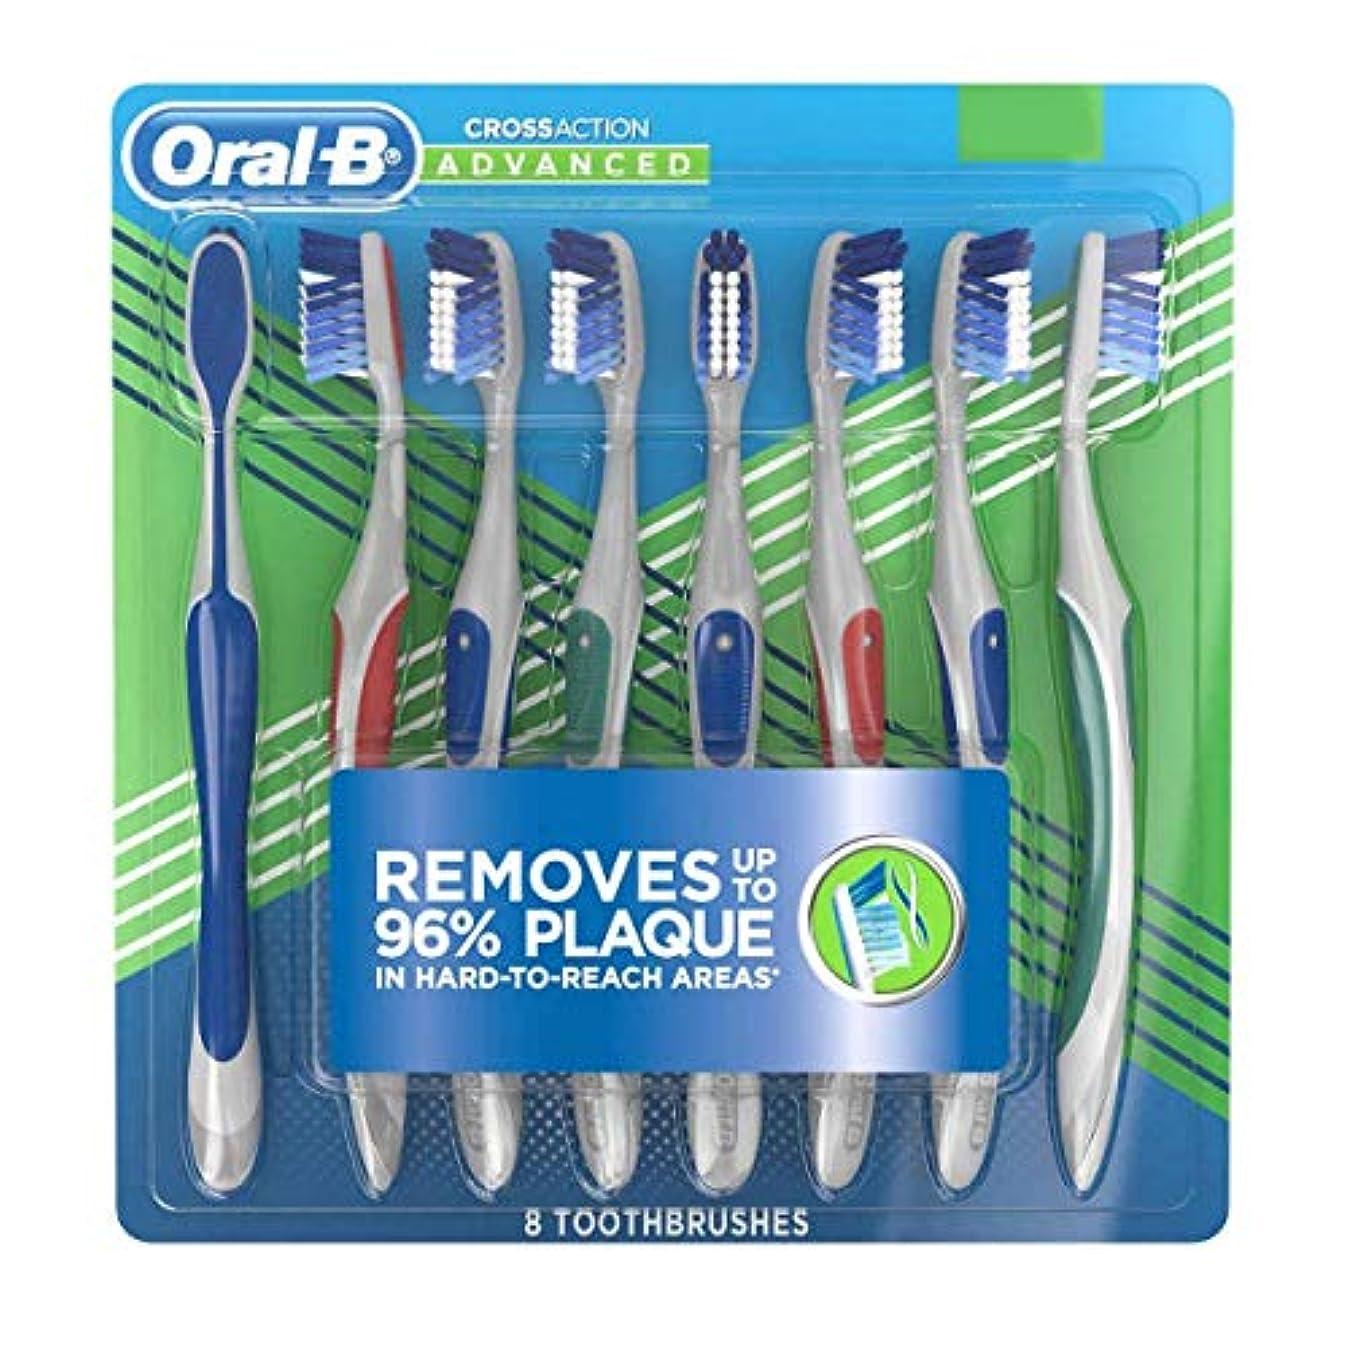 手綱成功したスーパーマーケットOral-B Pro-Health Cross Action Advanced Toothbrush 8-pack SOFT オーラルB プロヘルス クロスアクション アドバンスド 歯ブラシ8本セット(ソフトタイプ)